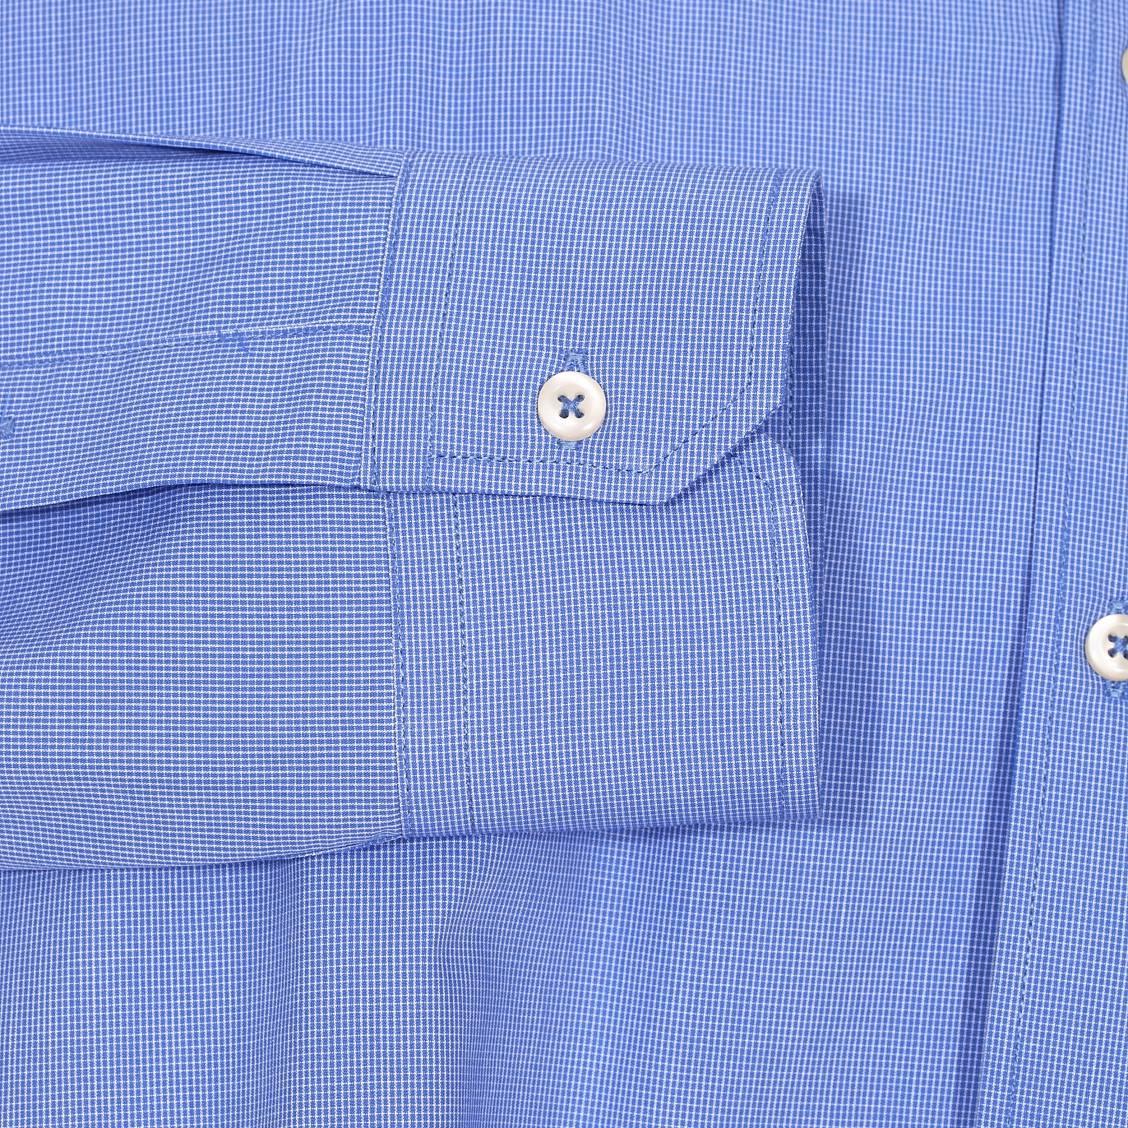 Chemise Cintree U S Polo Assn En Coton A Petits Carreaux Bleus Et